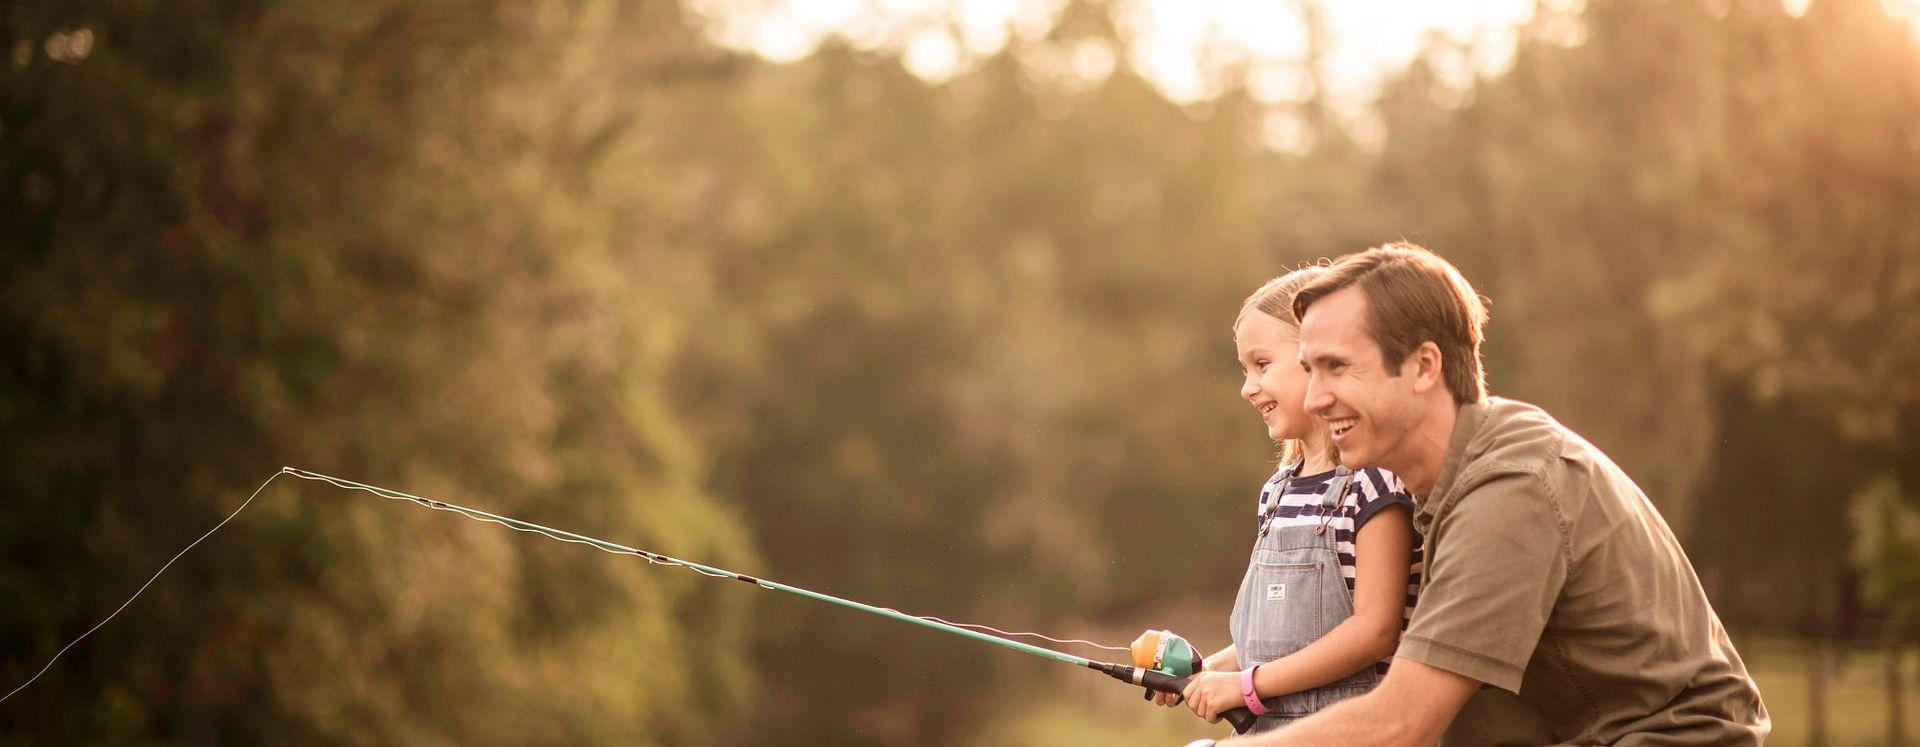 Pai e filha pescando juntos no Walt Disney World Resort